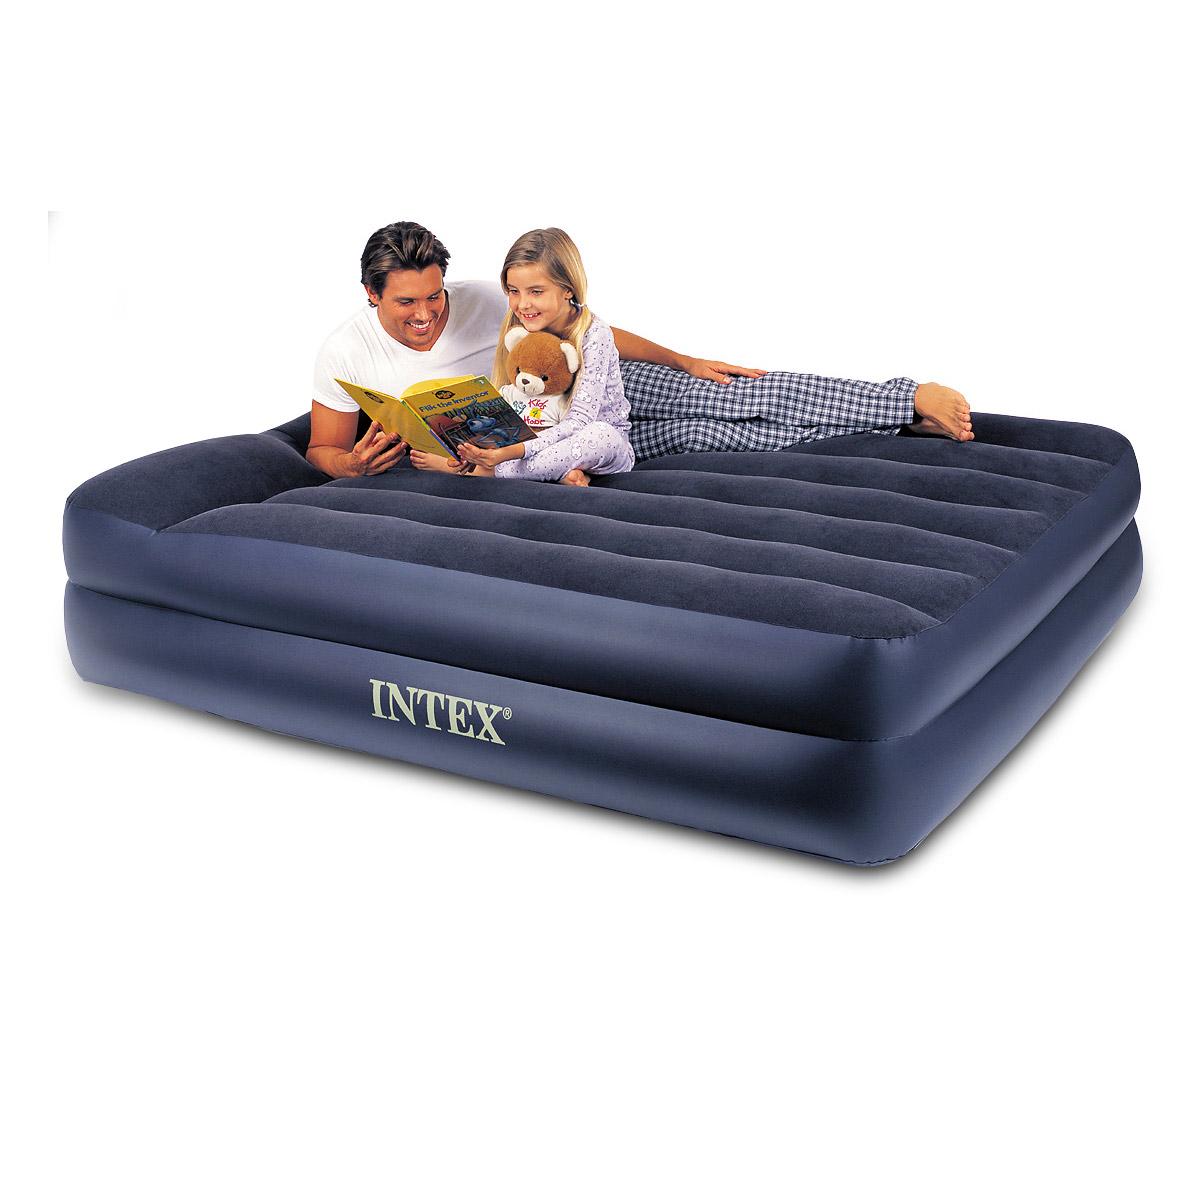 intex luftbett mit pumpe g stebett 152x203x42cm mit pumpe. Black Bedroom Furniture Sets. Home Design Ideas